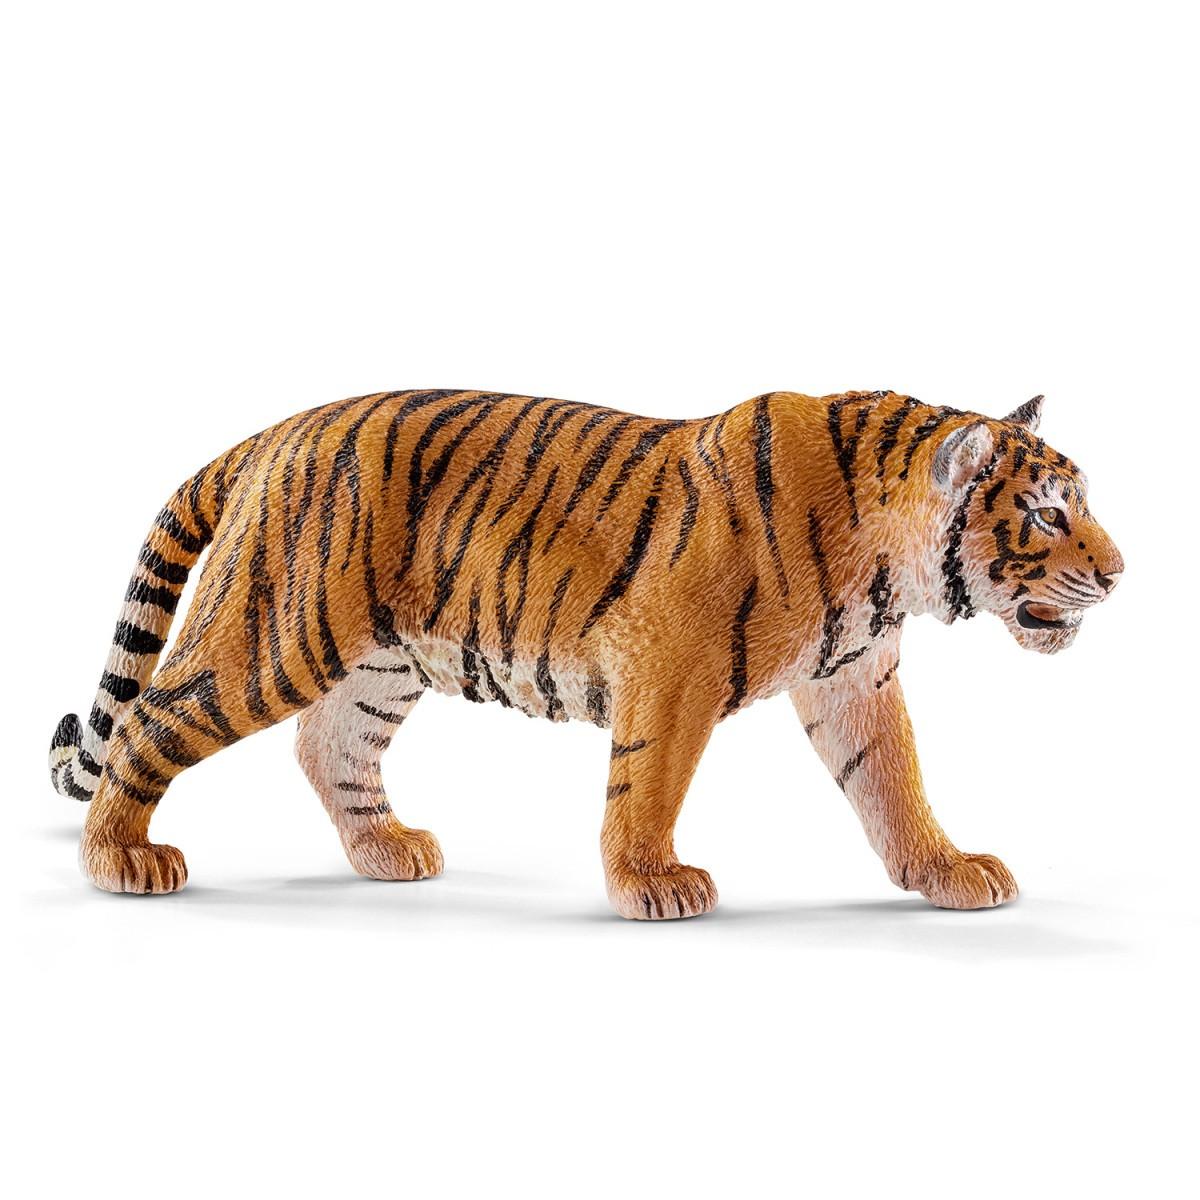 高価値 pion シュライヒ Schleich おもちゃ プレゼント 子供 コレクション 買い物 動物 14729 トラ ギフト 294 ラッピング 恐竜